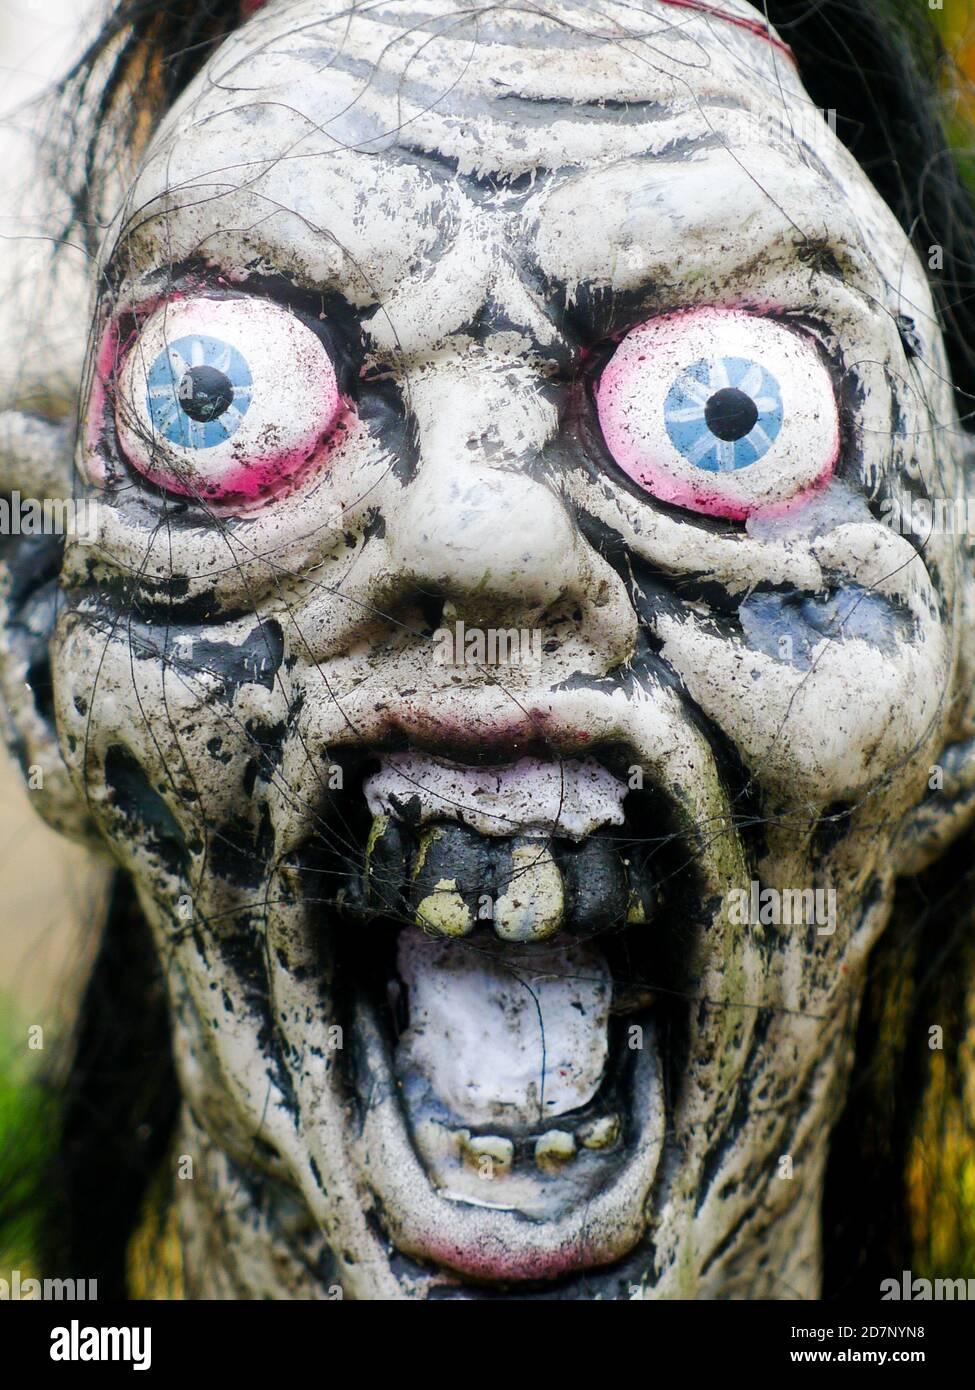 Cabeza de piedra demoníaca. Ojos abultados y dientes rotantes. Imagen de Halloween Foto de stock